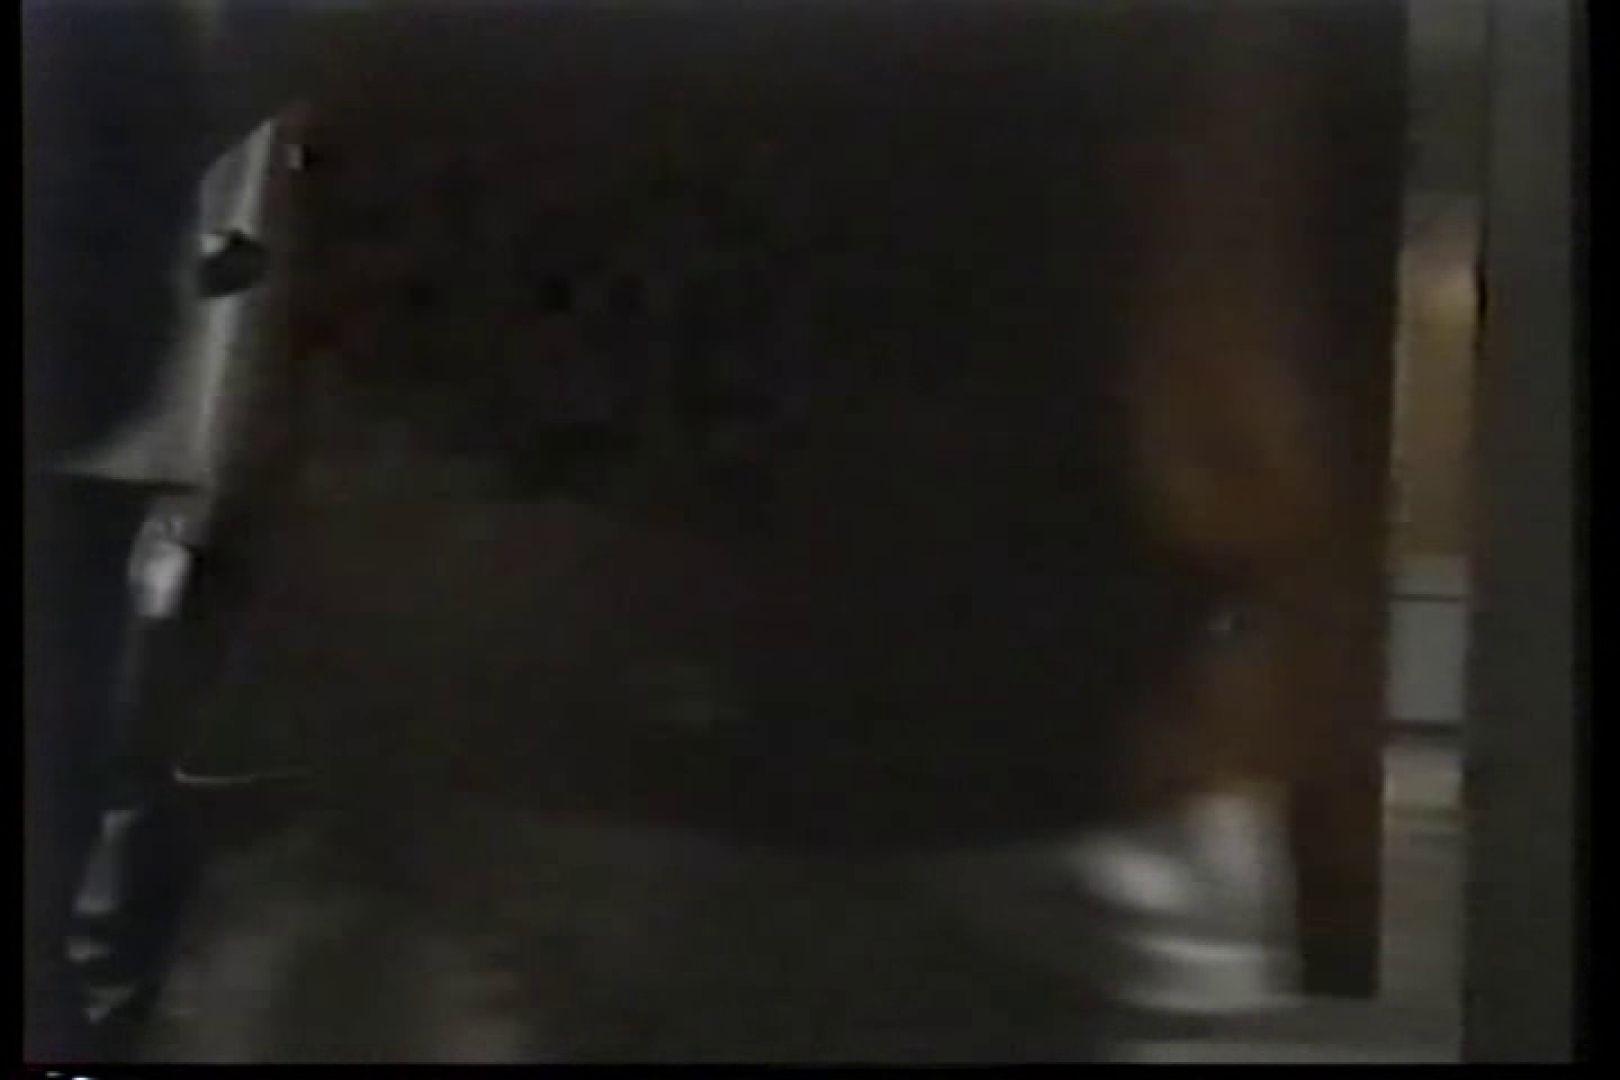 洋人さんの脱衣所を覗いてみました。VOL.3